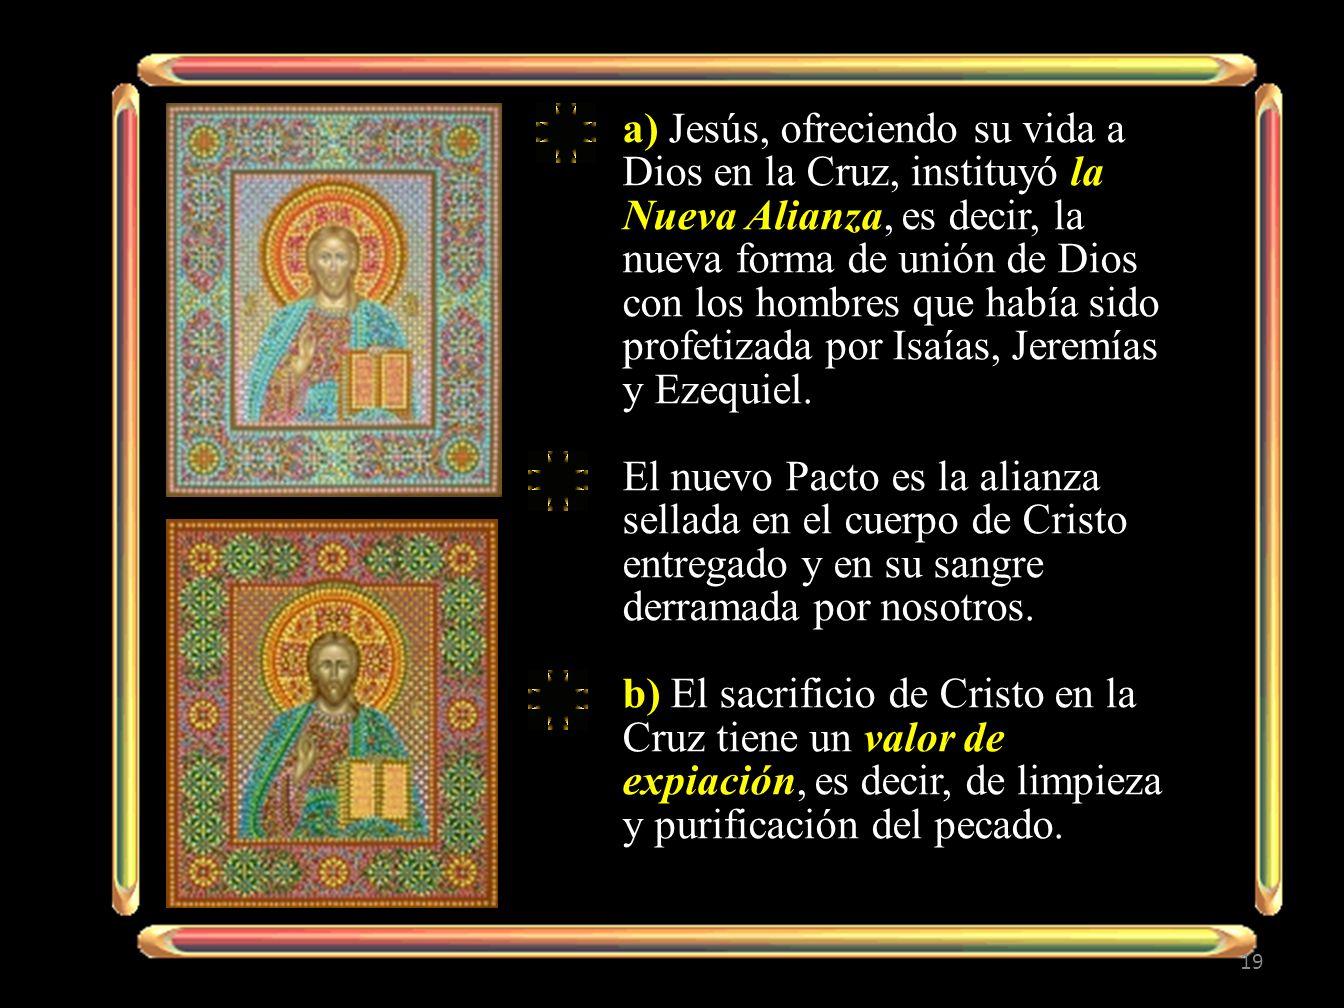 a) Jesús, ofreciendo su vida a Dios en la Cruz, instituyó la Nueva Alianza, es decir, la nueva forma de unión de Dios con los hombres que había sido profetizada por Isaías, Jeremías y Ezequiel.